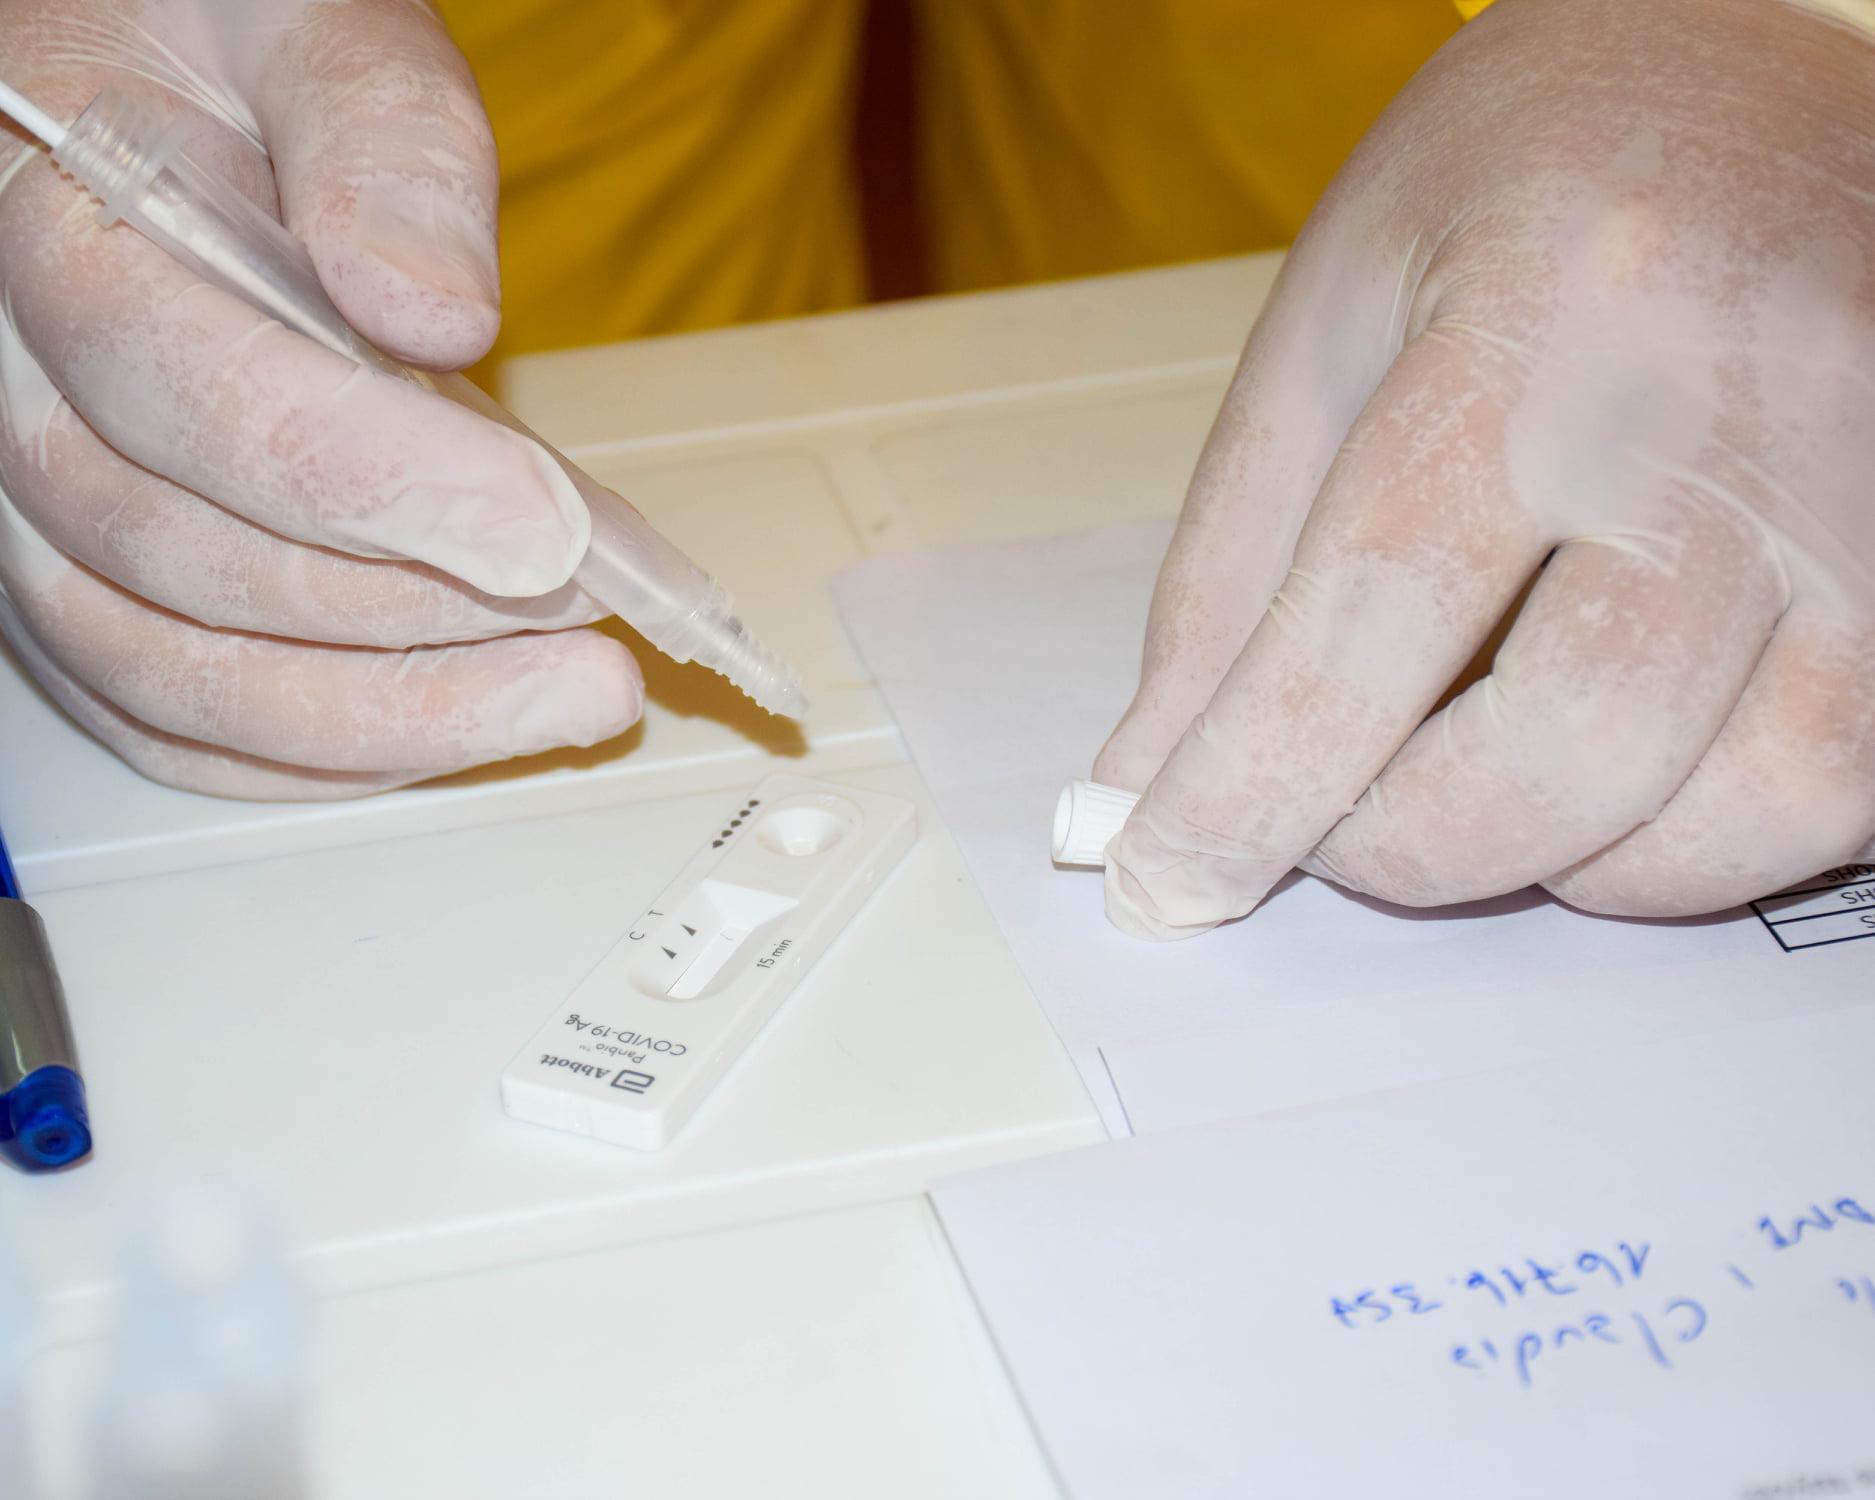 San Cayetano: Realizaron una nueva jornada de testeos voluntarios en el Museo Queipo